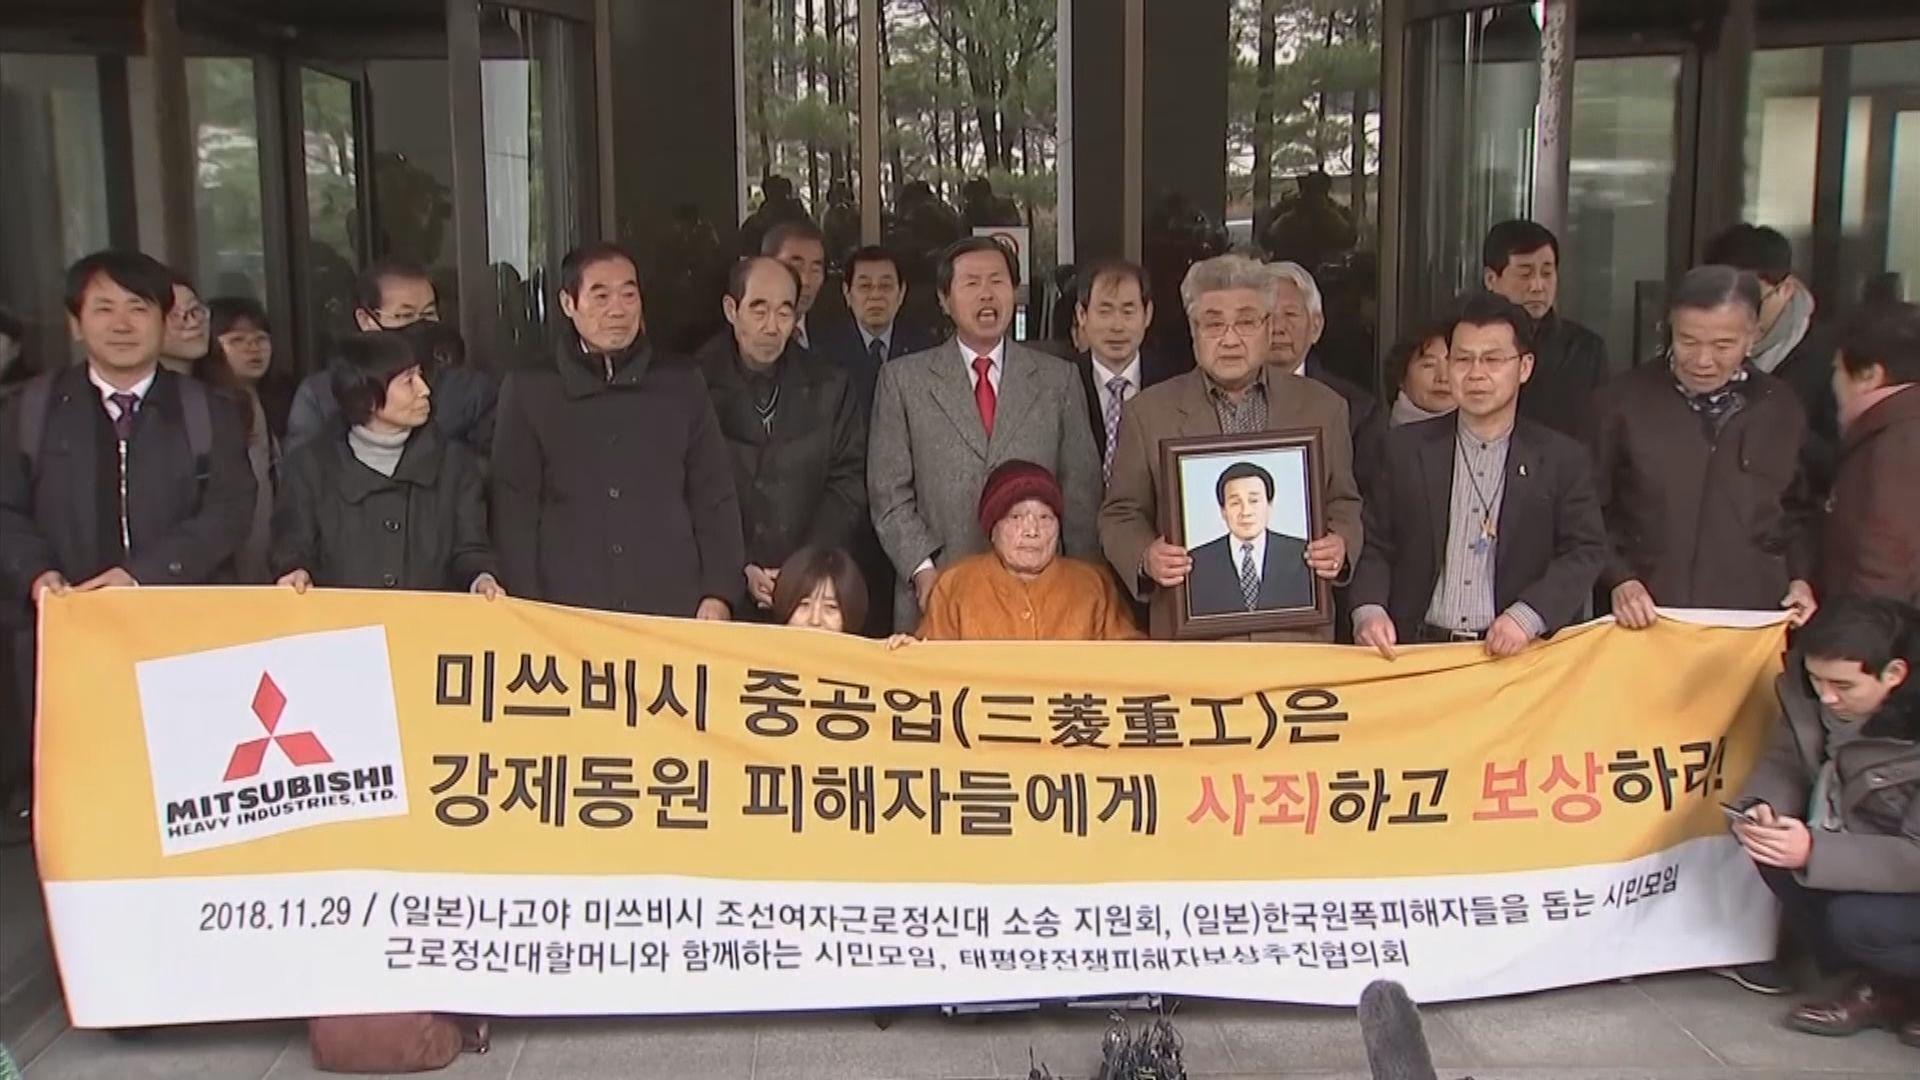 日韓因二戰強徵勞工案再起爭議